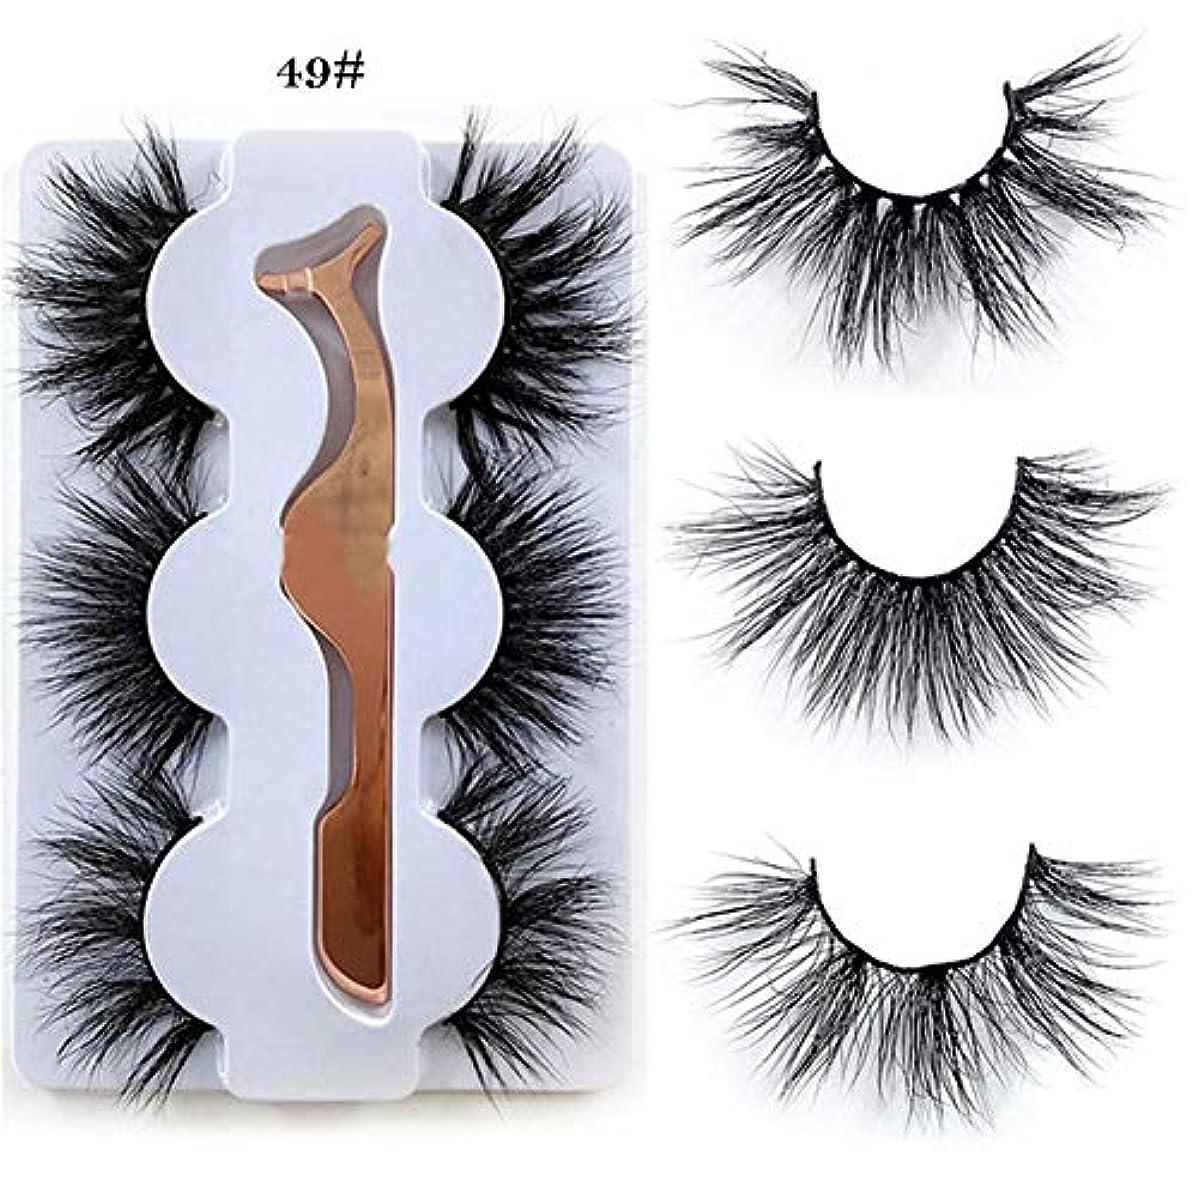 エステート槍謎めいたViugreum つけまつげ 6Dミンクつけまつ毛 3ペア 自然 濃密 メイクアップ ナチュラル 長持ち 100%手作り 繊細 柔らかい まつげ 超軽量毛 上品